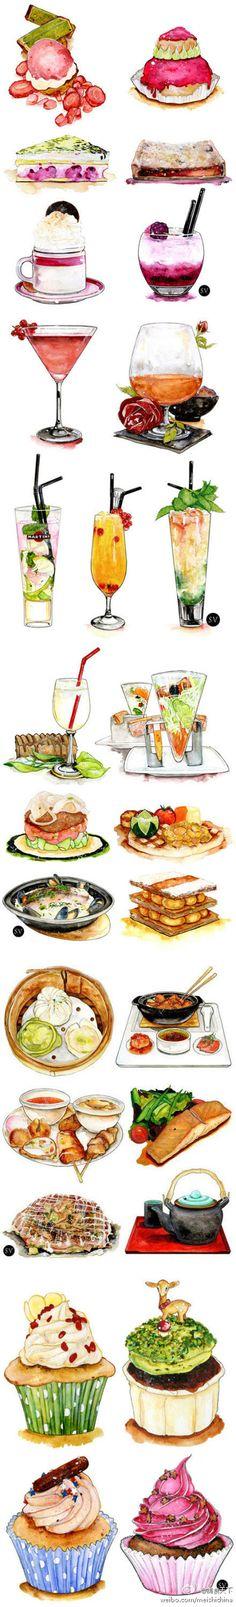 各类美食的形态与色彩,都被巧妙的笔尖细腻地表达着,食欲充分被调动起来了